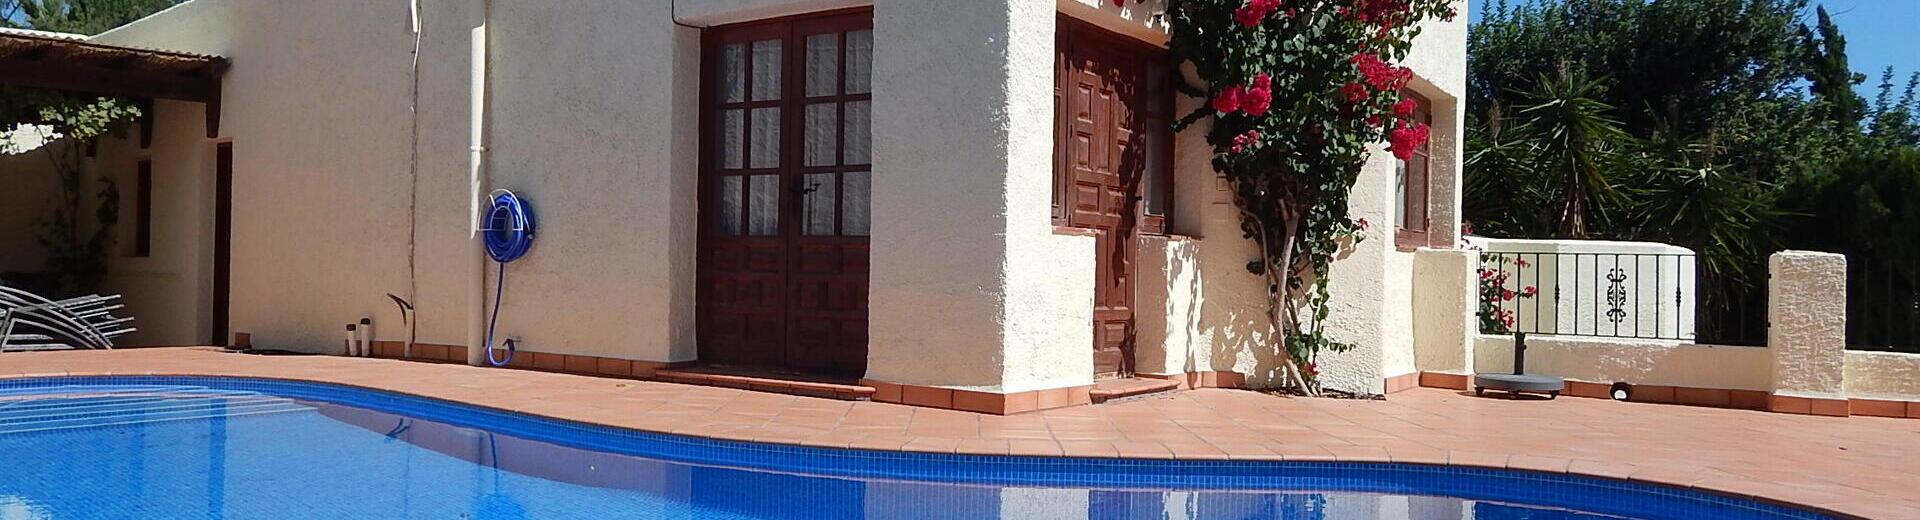 VIP7468: Villa zu Verkaufen